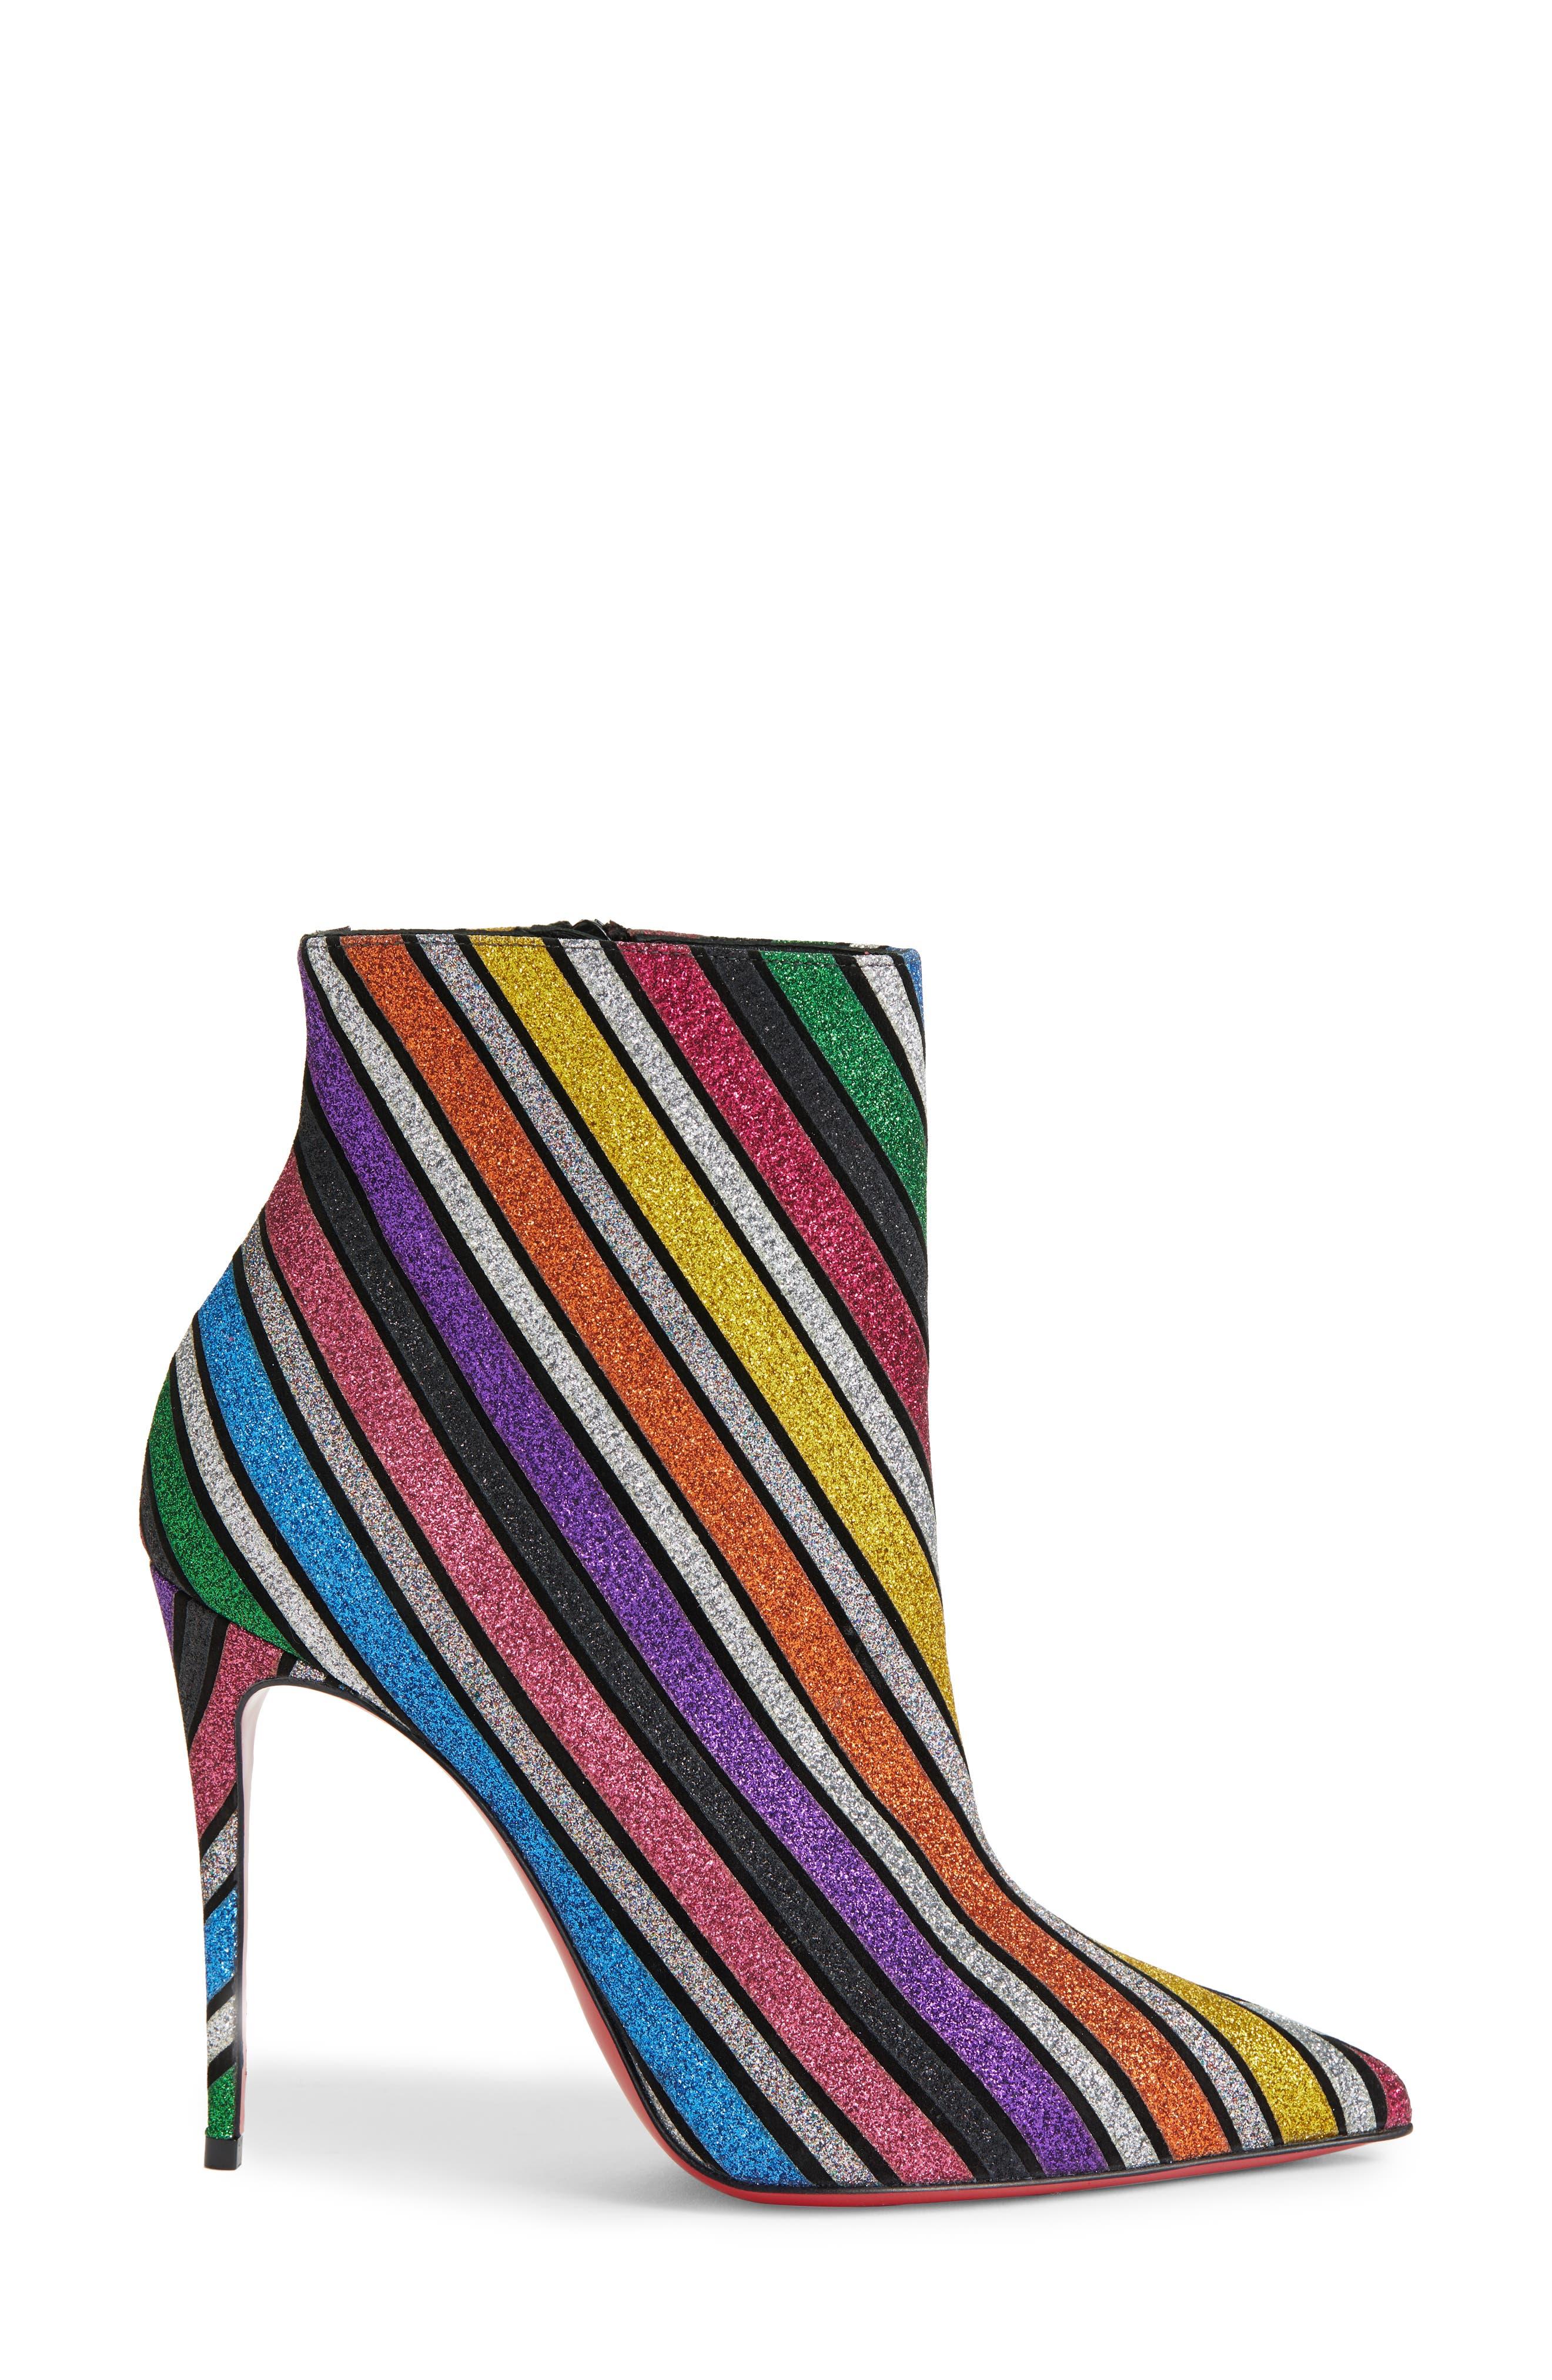 CHRISTIAN LOUBOUTIN,                             So Kate Stripe Bootie,                             Alternate thumbnail 3, color,                             RAINBOW STRIPE